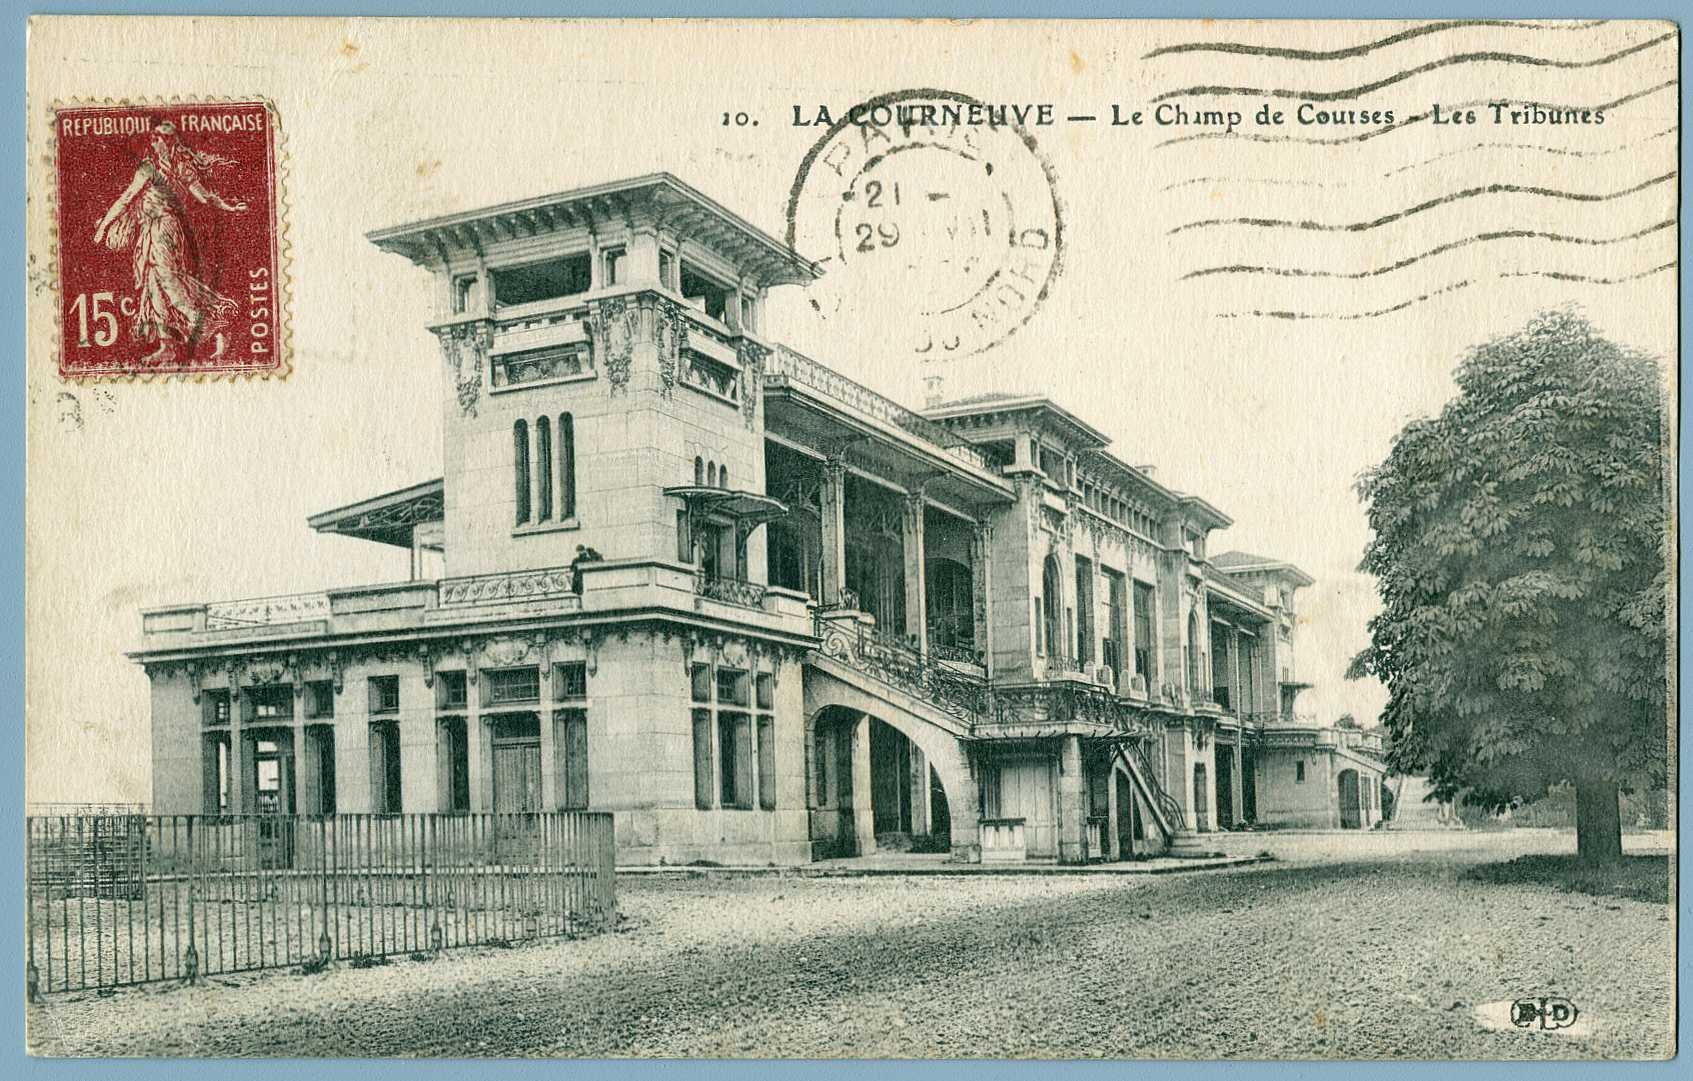 1913-Tribune d'honneur-vue arrière-archivescourneuve